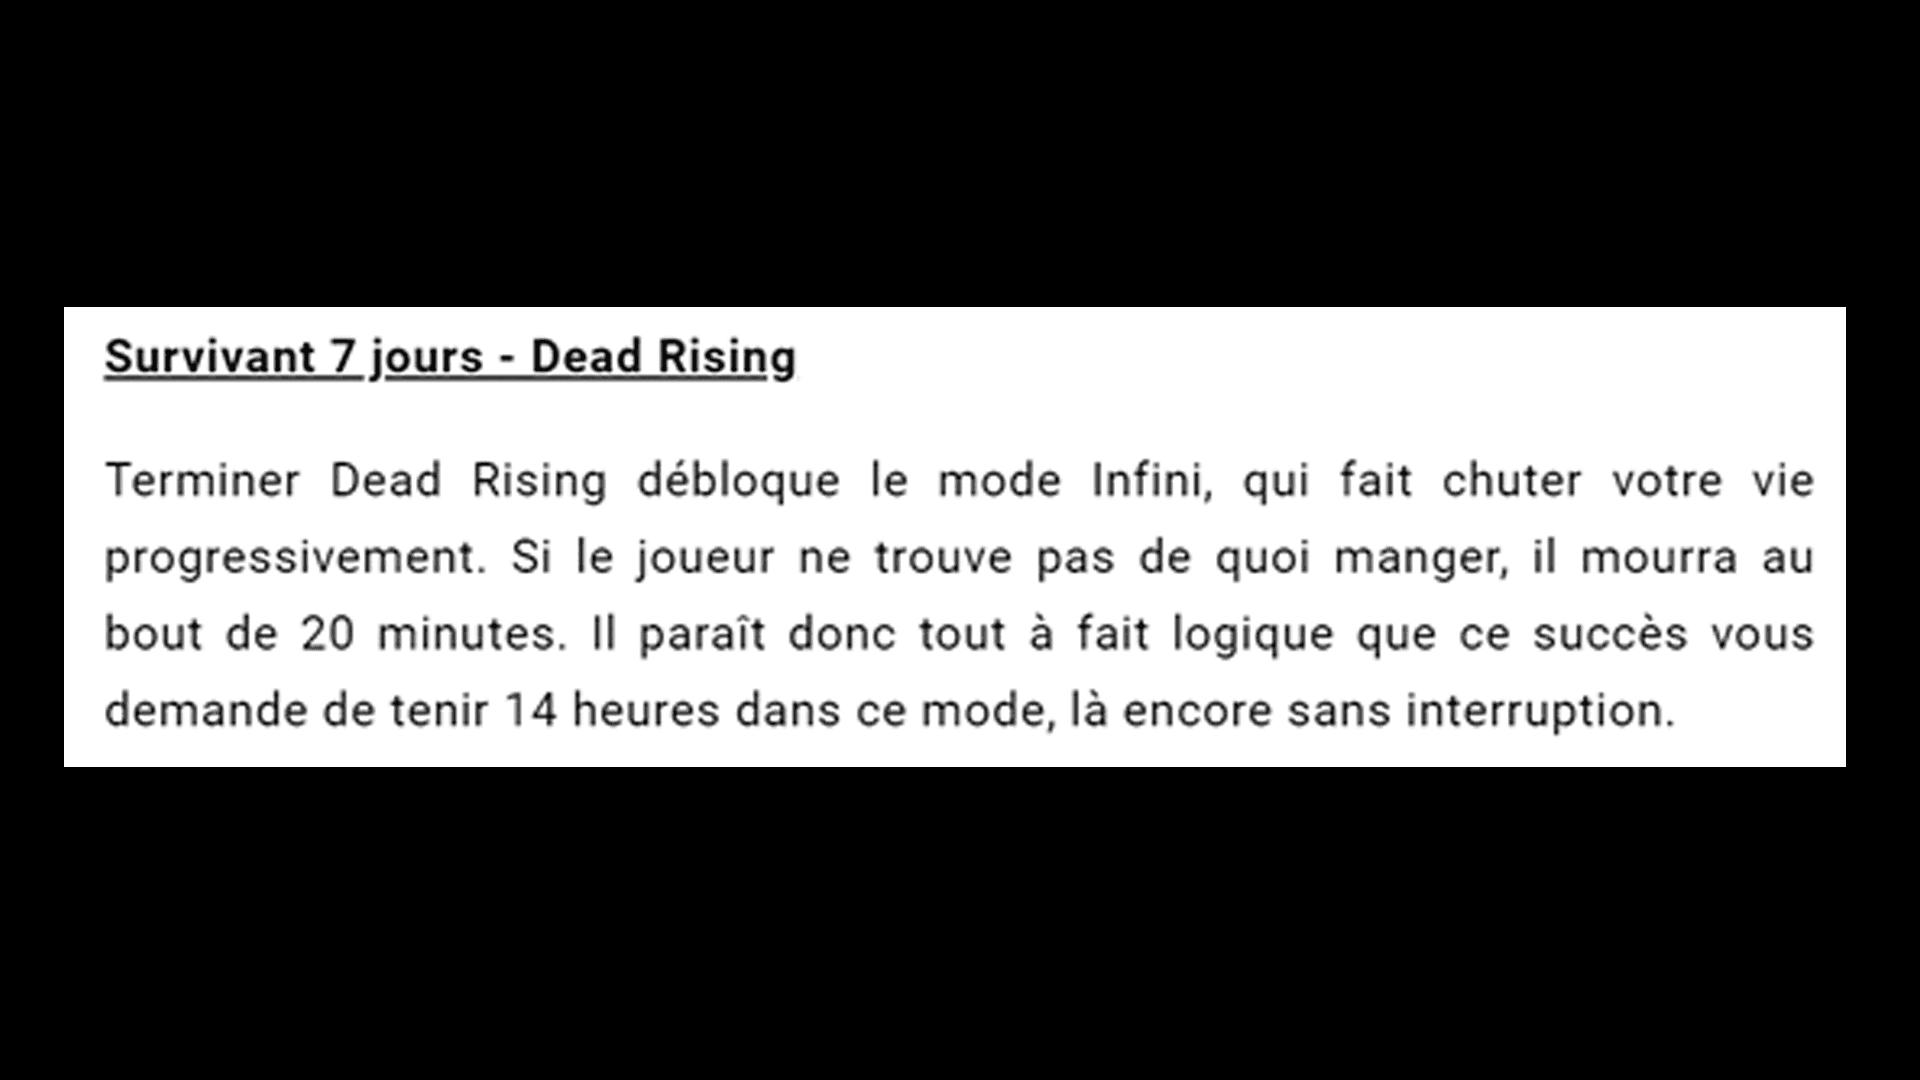 """Le trophée """"survie 7 jours"""" de Dead Rising, un des trophées les plus retors à obtenir du jeu vidéo. #GuiDaFunkyMan #retrogaming #soulsborne #DarkSouls #Bloodborne"""